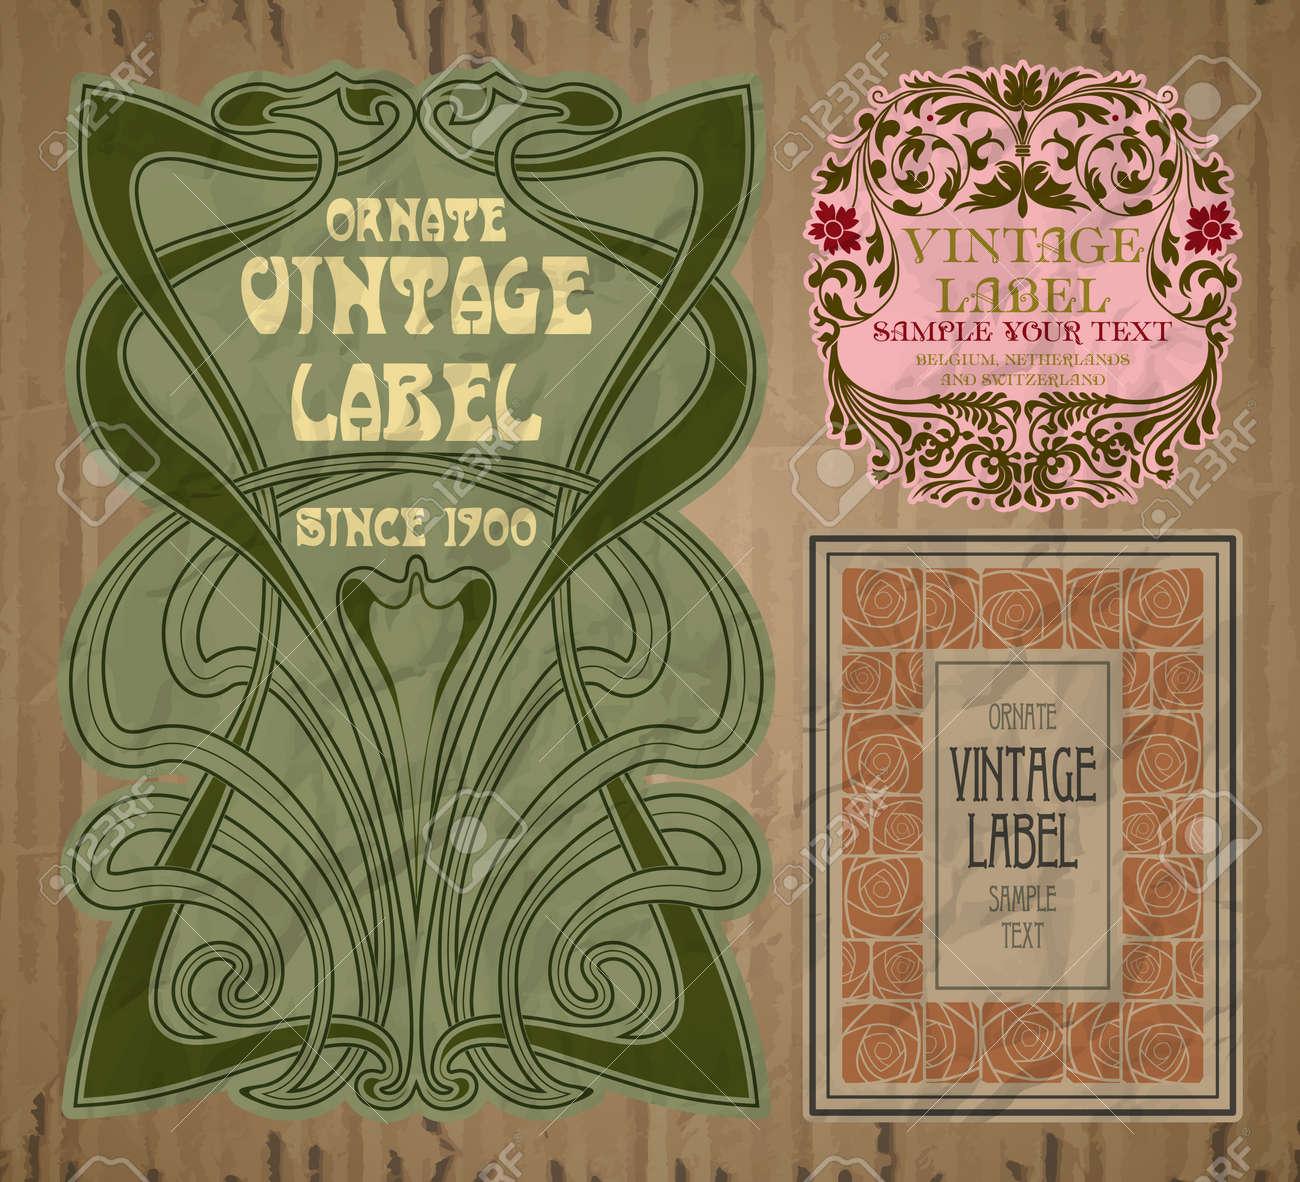 vector vintage items: label art nouveau - 165729539